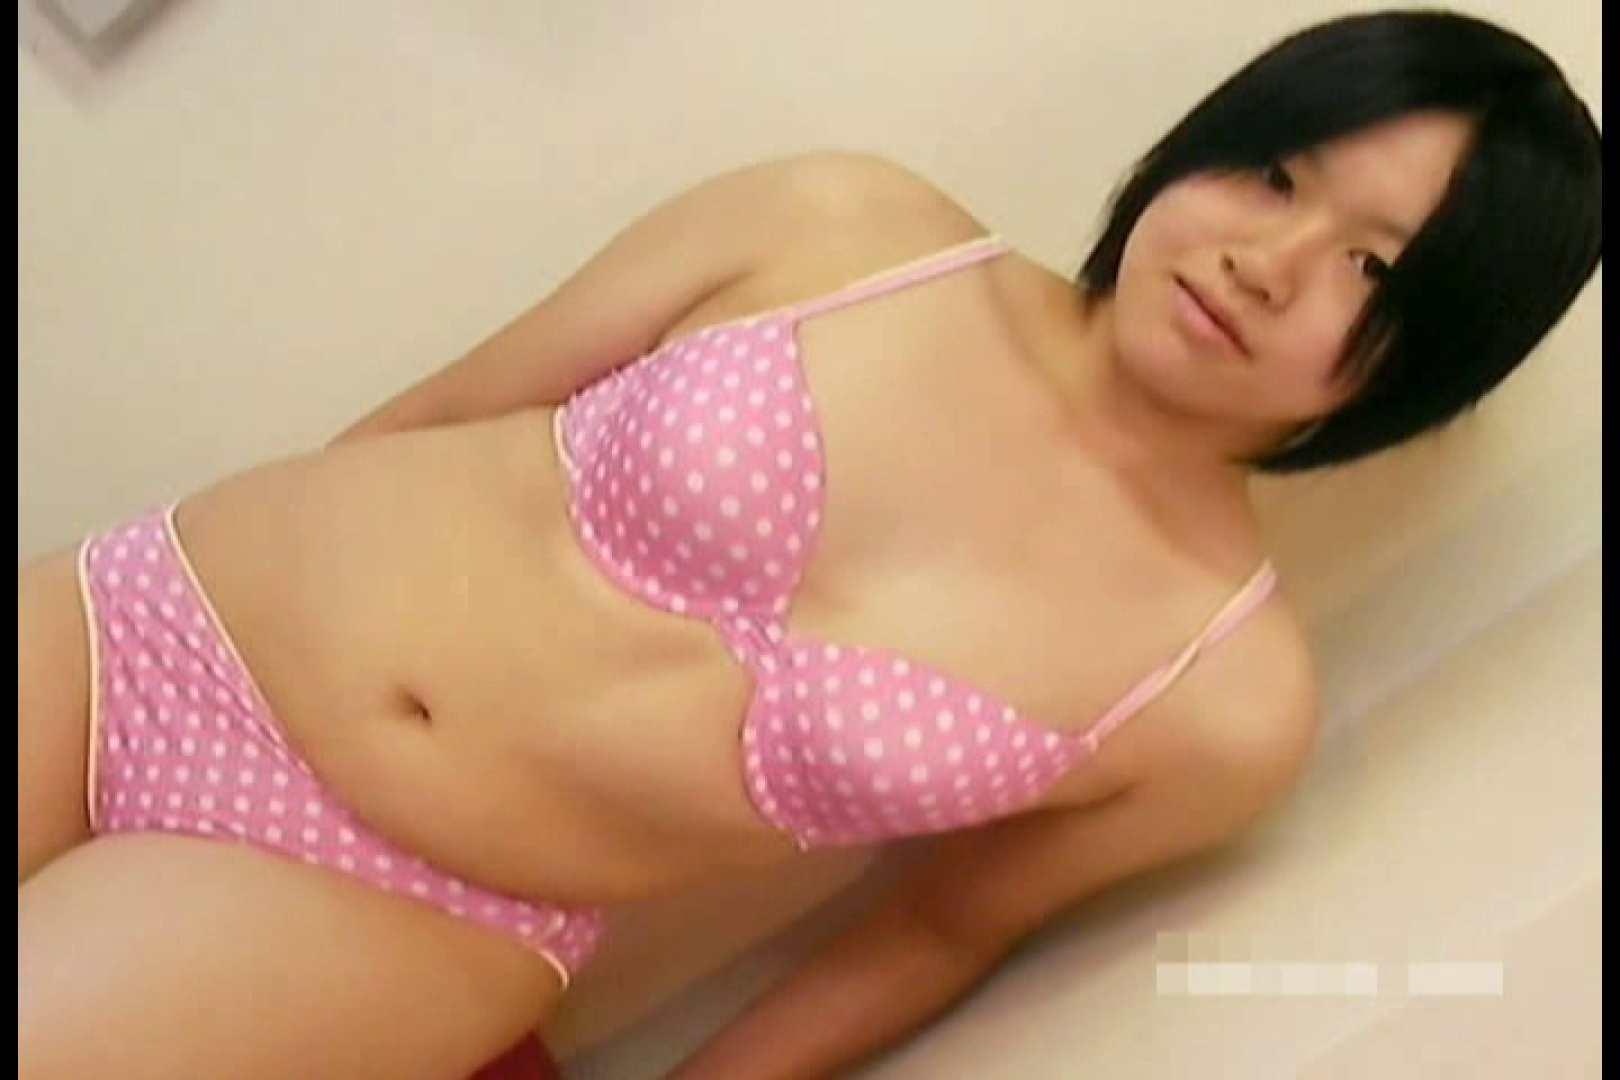 素人撮影 下着だけの撮影のはずが・・・みゆき18歳 素人 | ぽっちゃり女性  84pic 13